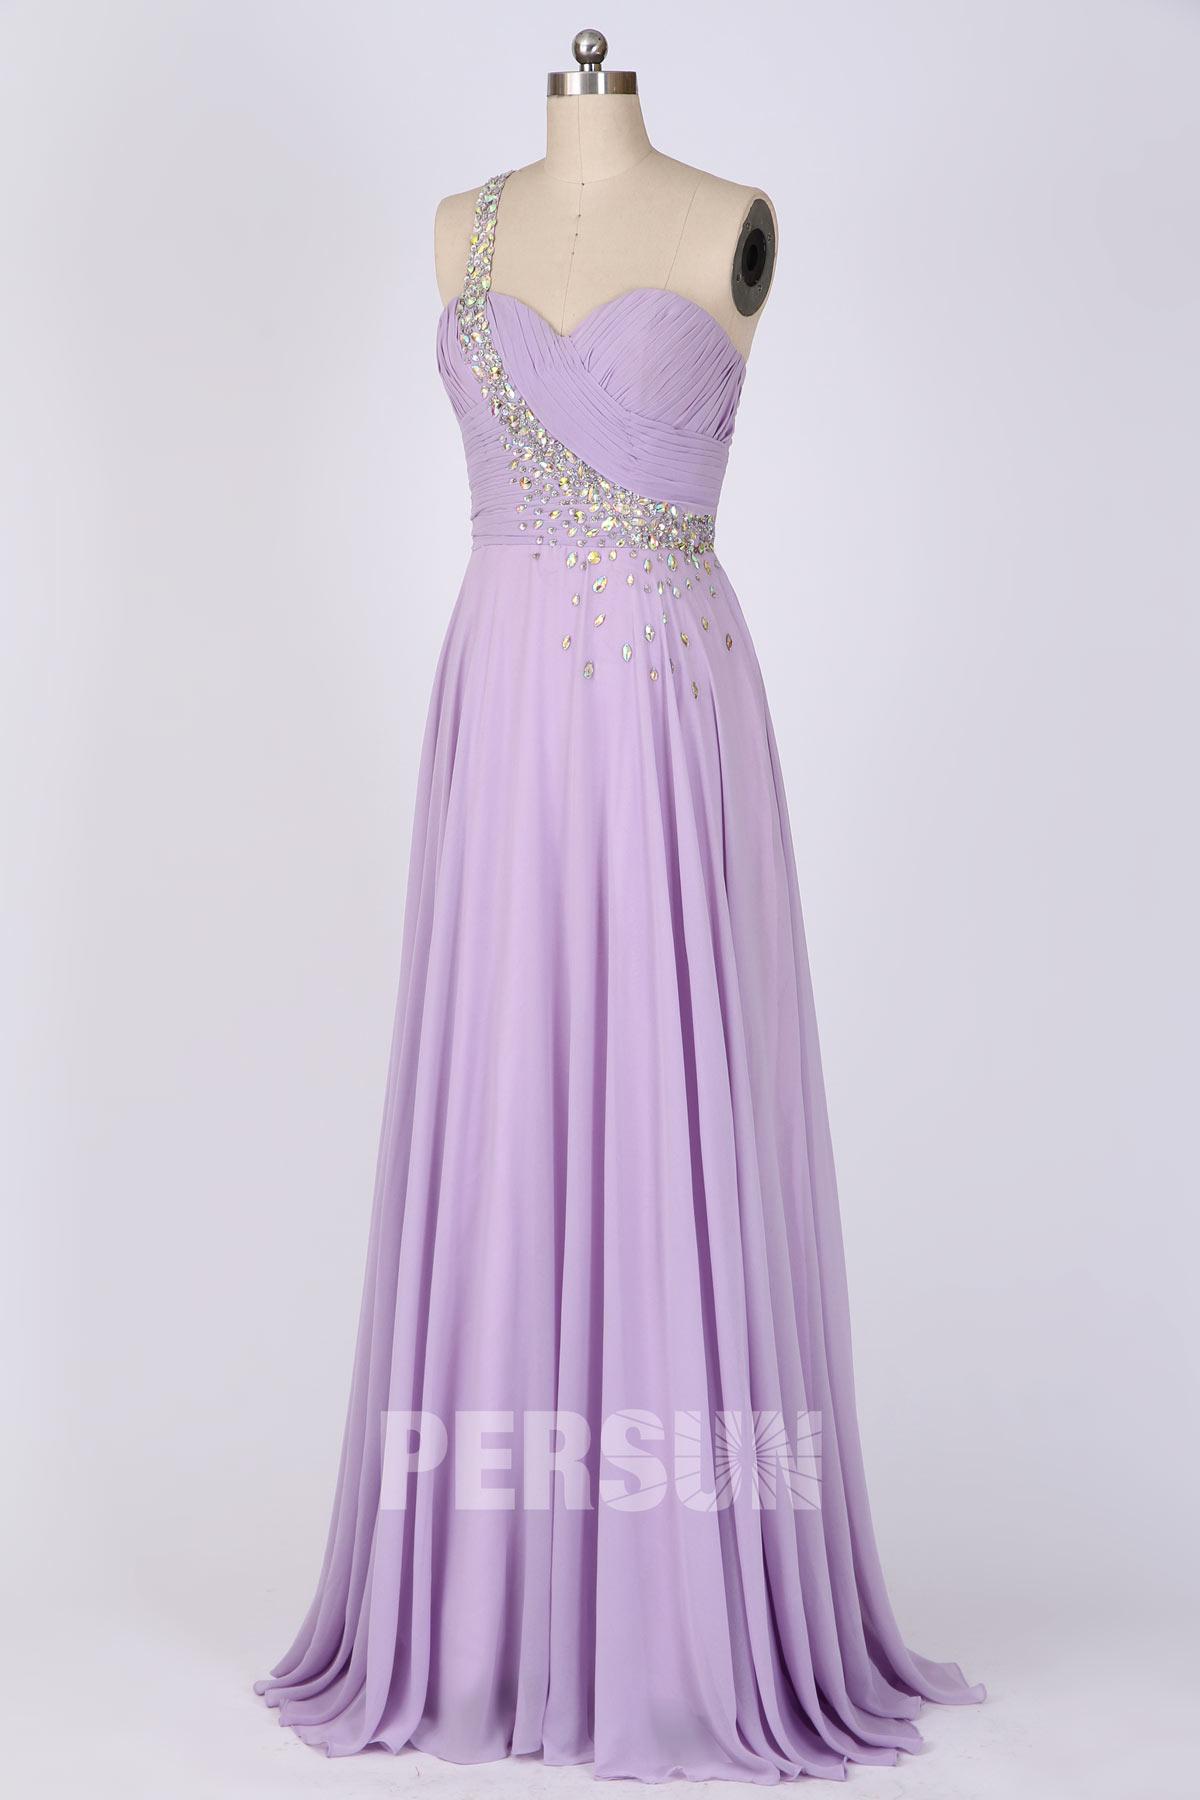 Robe demoiselle d'honneur asymétrique longue lilas orné de strass